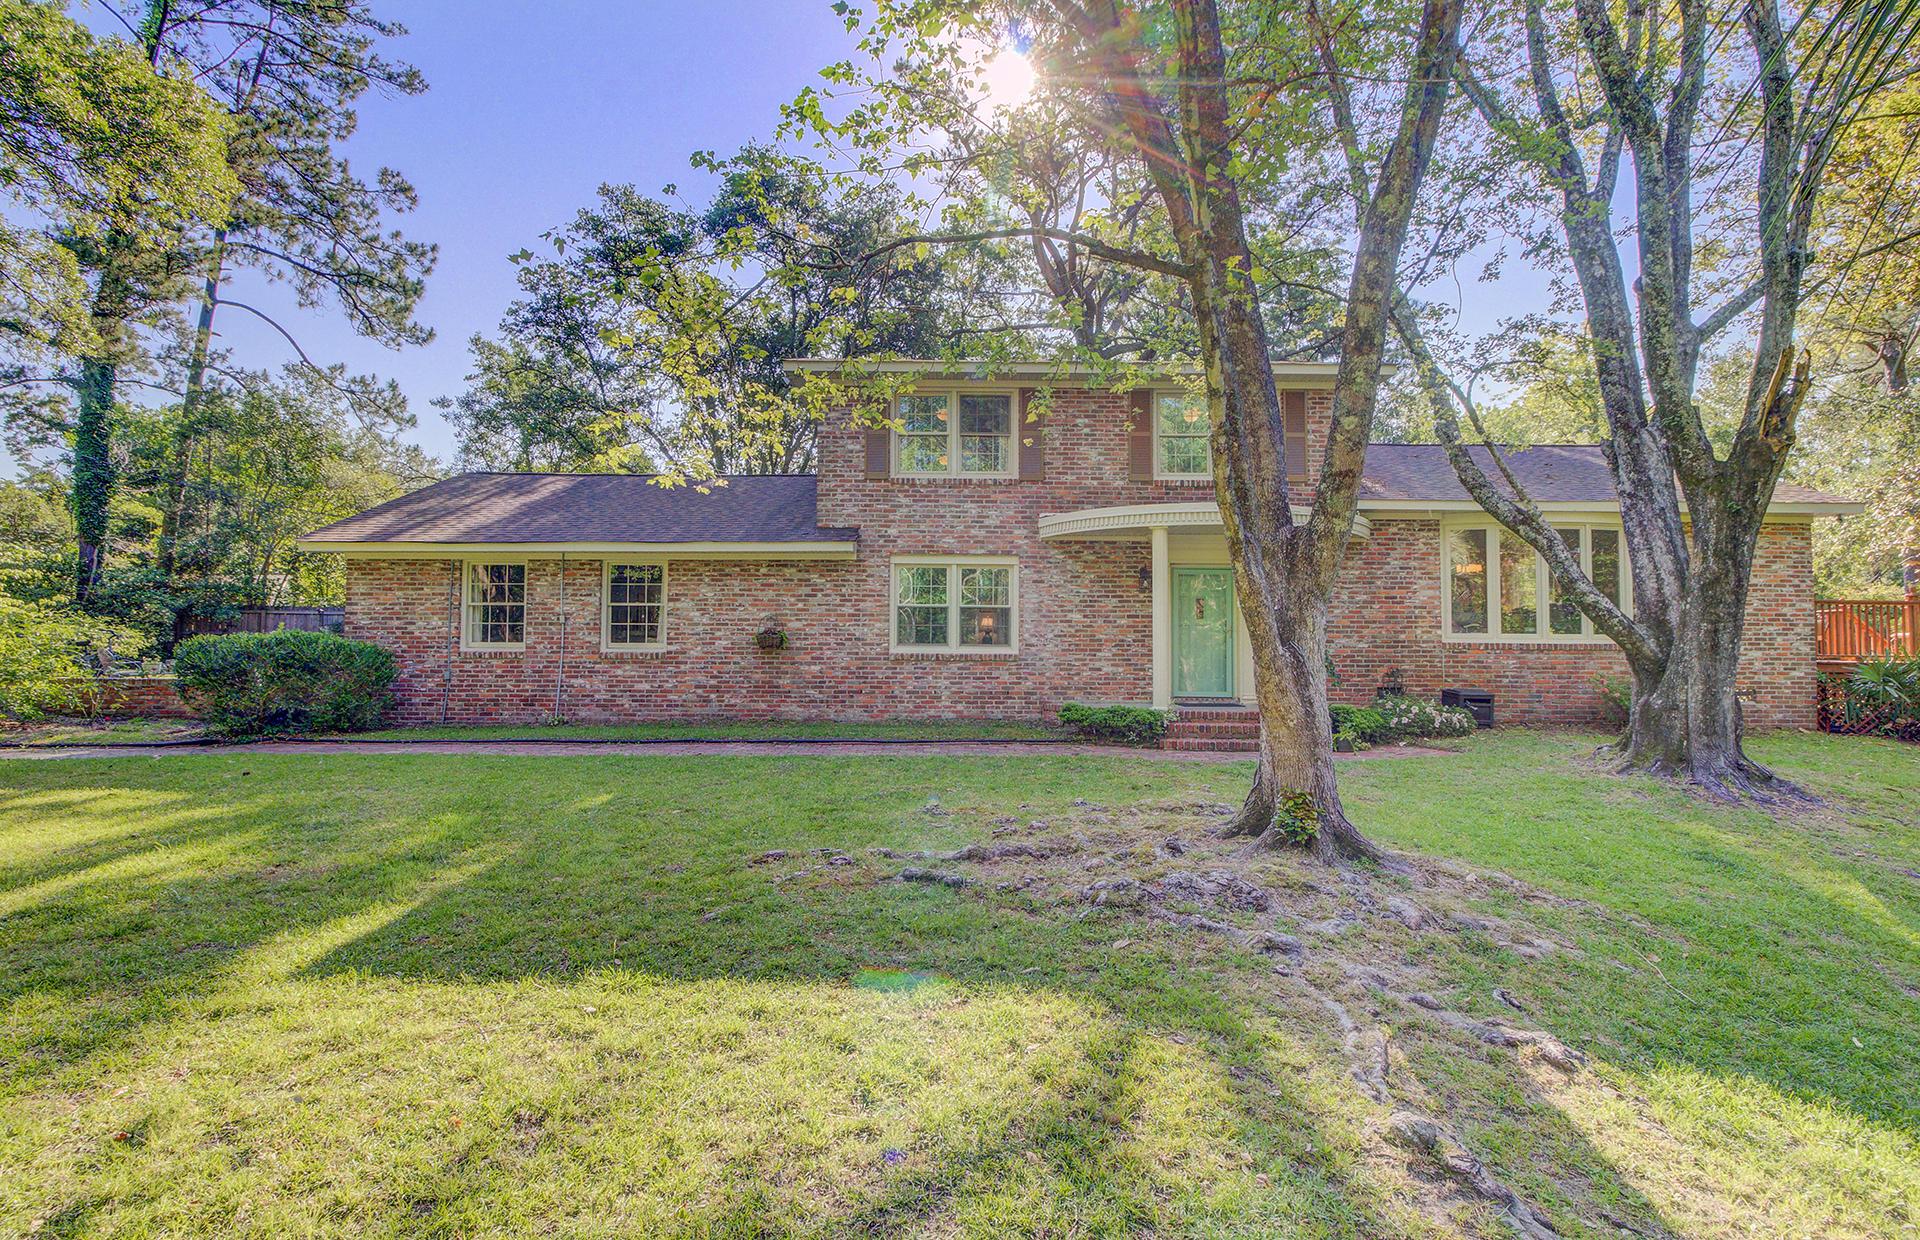 Pine Forest Inn Homes For Sale - 543 Simmons, Summerville, SC - 23